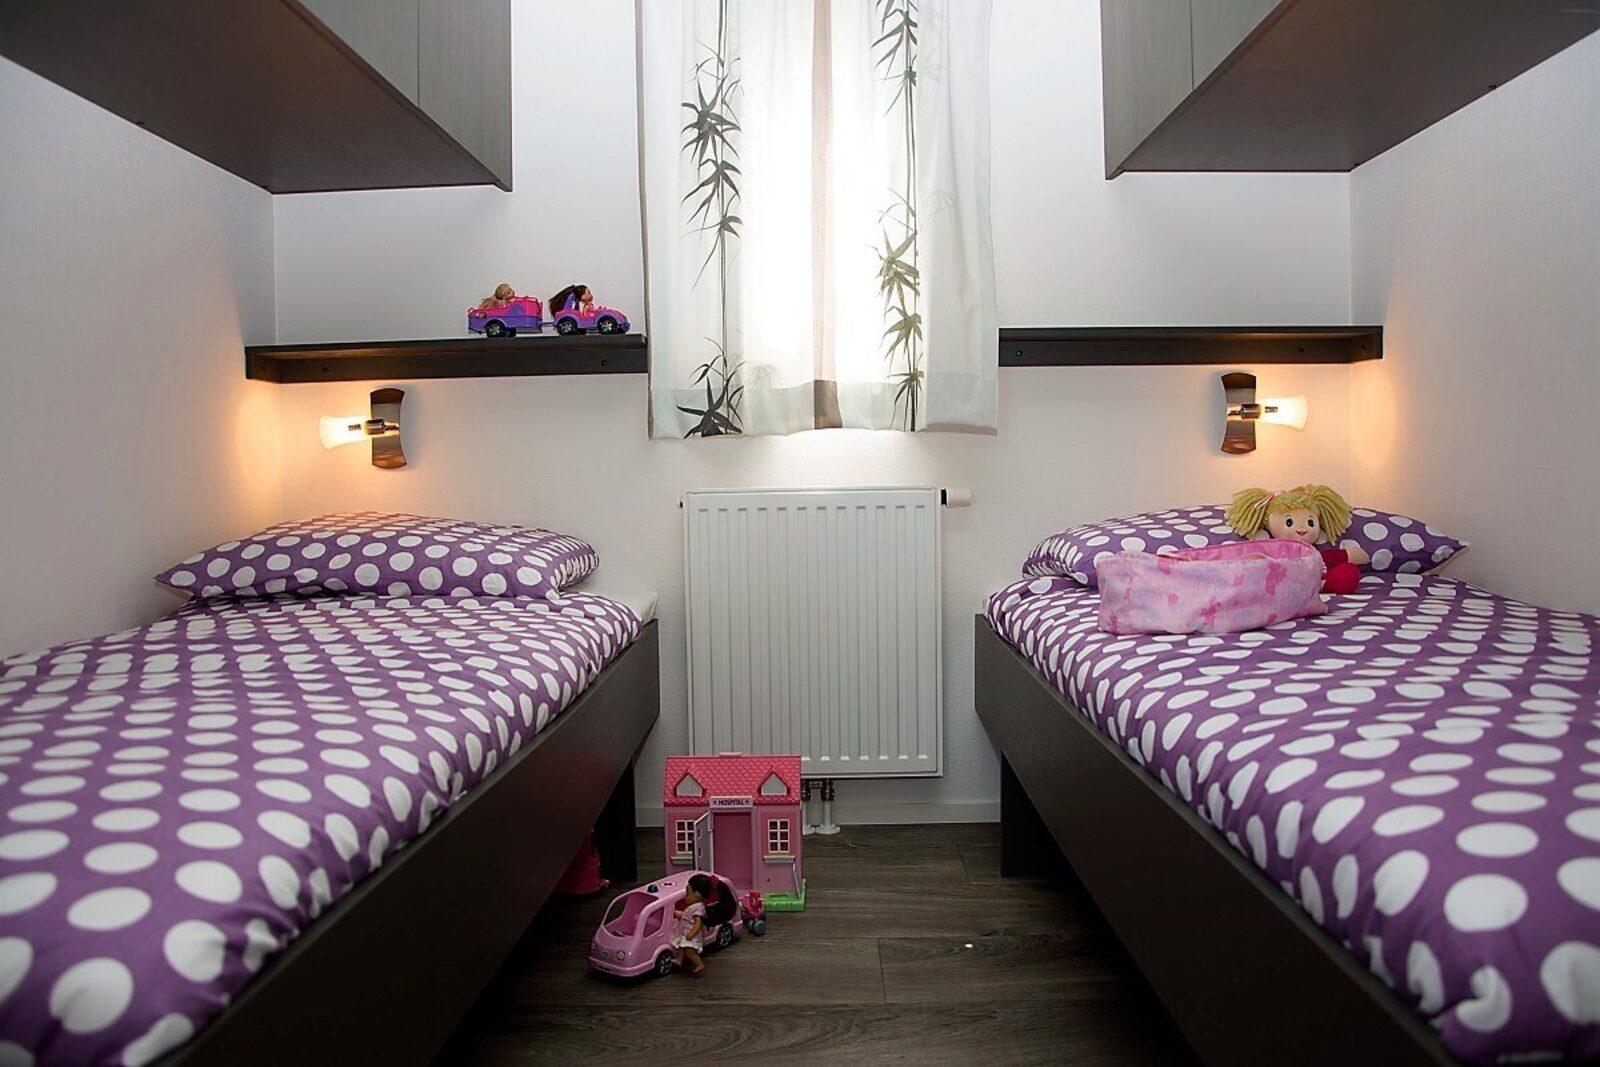 6-Personen Chalet, drei Schlafzimmer